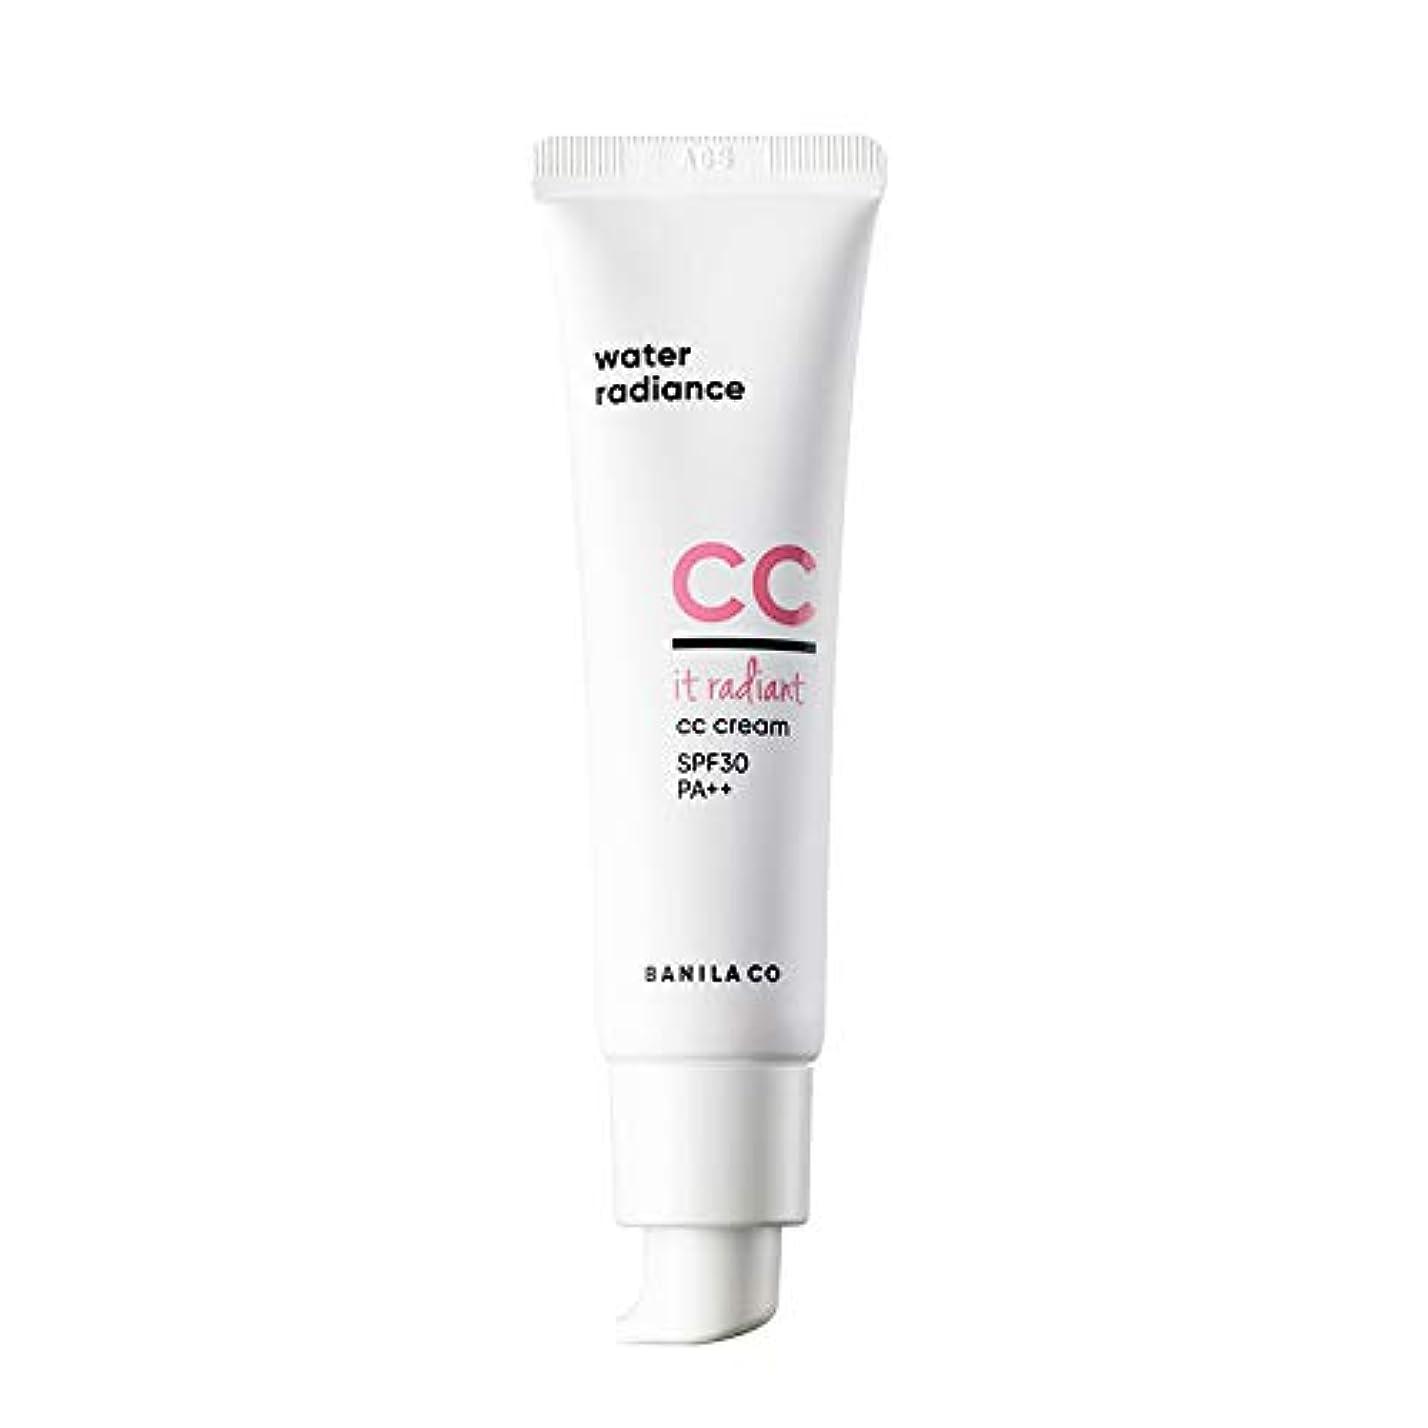 掘る亜熱帯バナナBANILA CO(バニラコ) イットレディアント ccクリーム It Radiant CC Cream